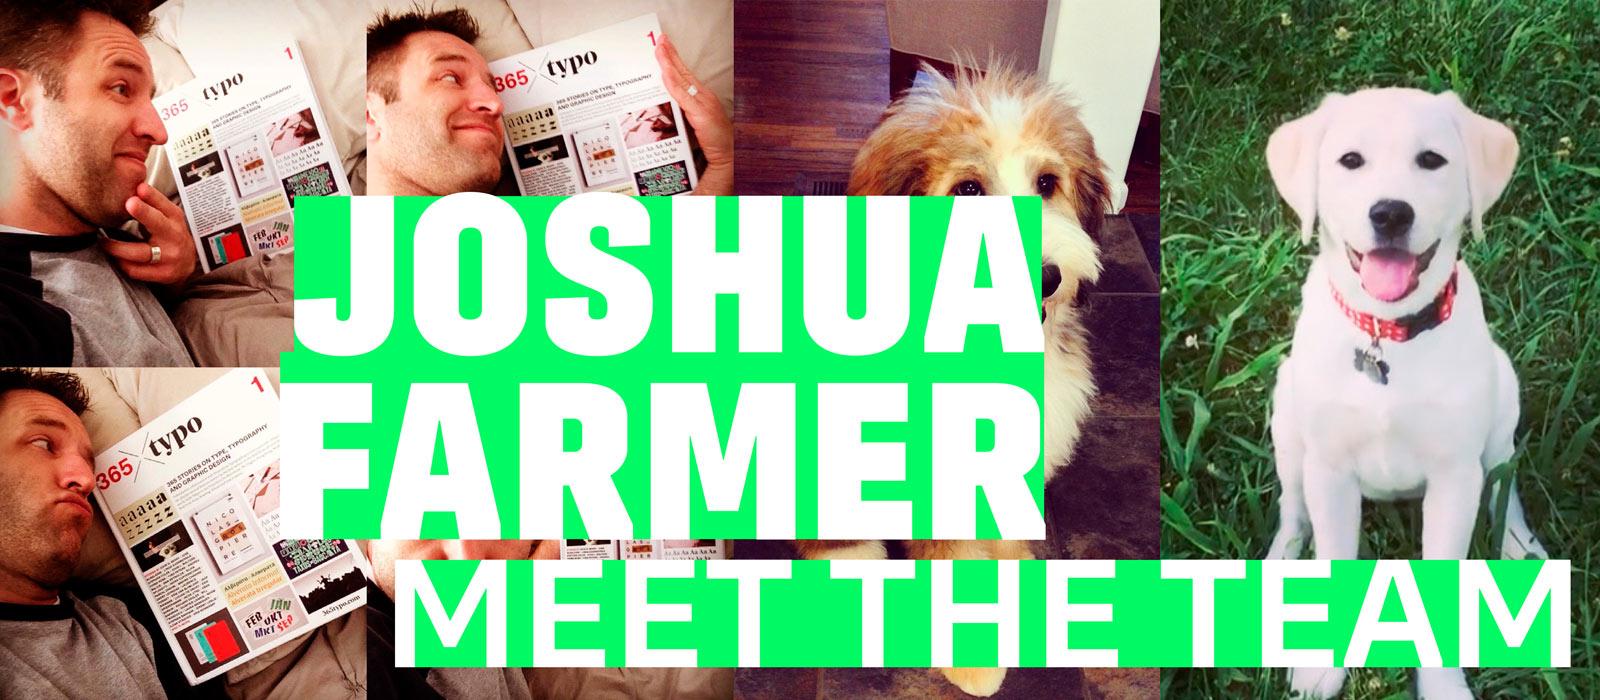 Meet the team, Joshua Farmer